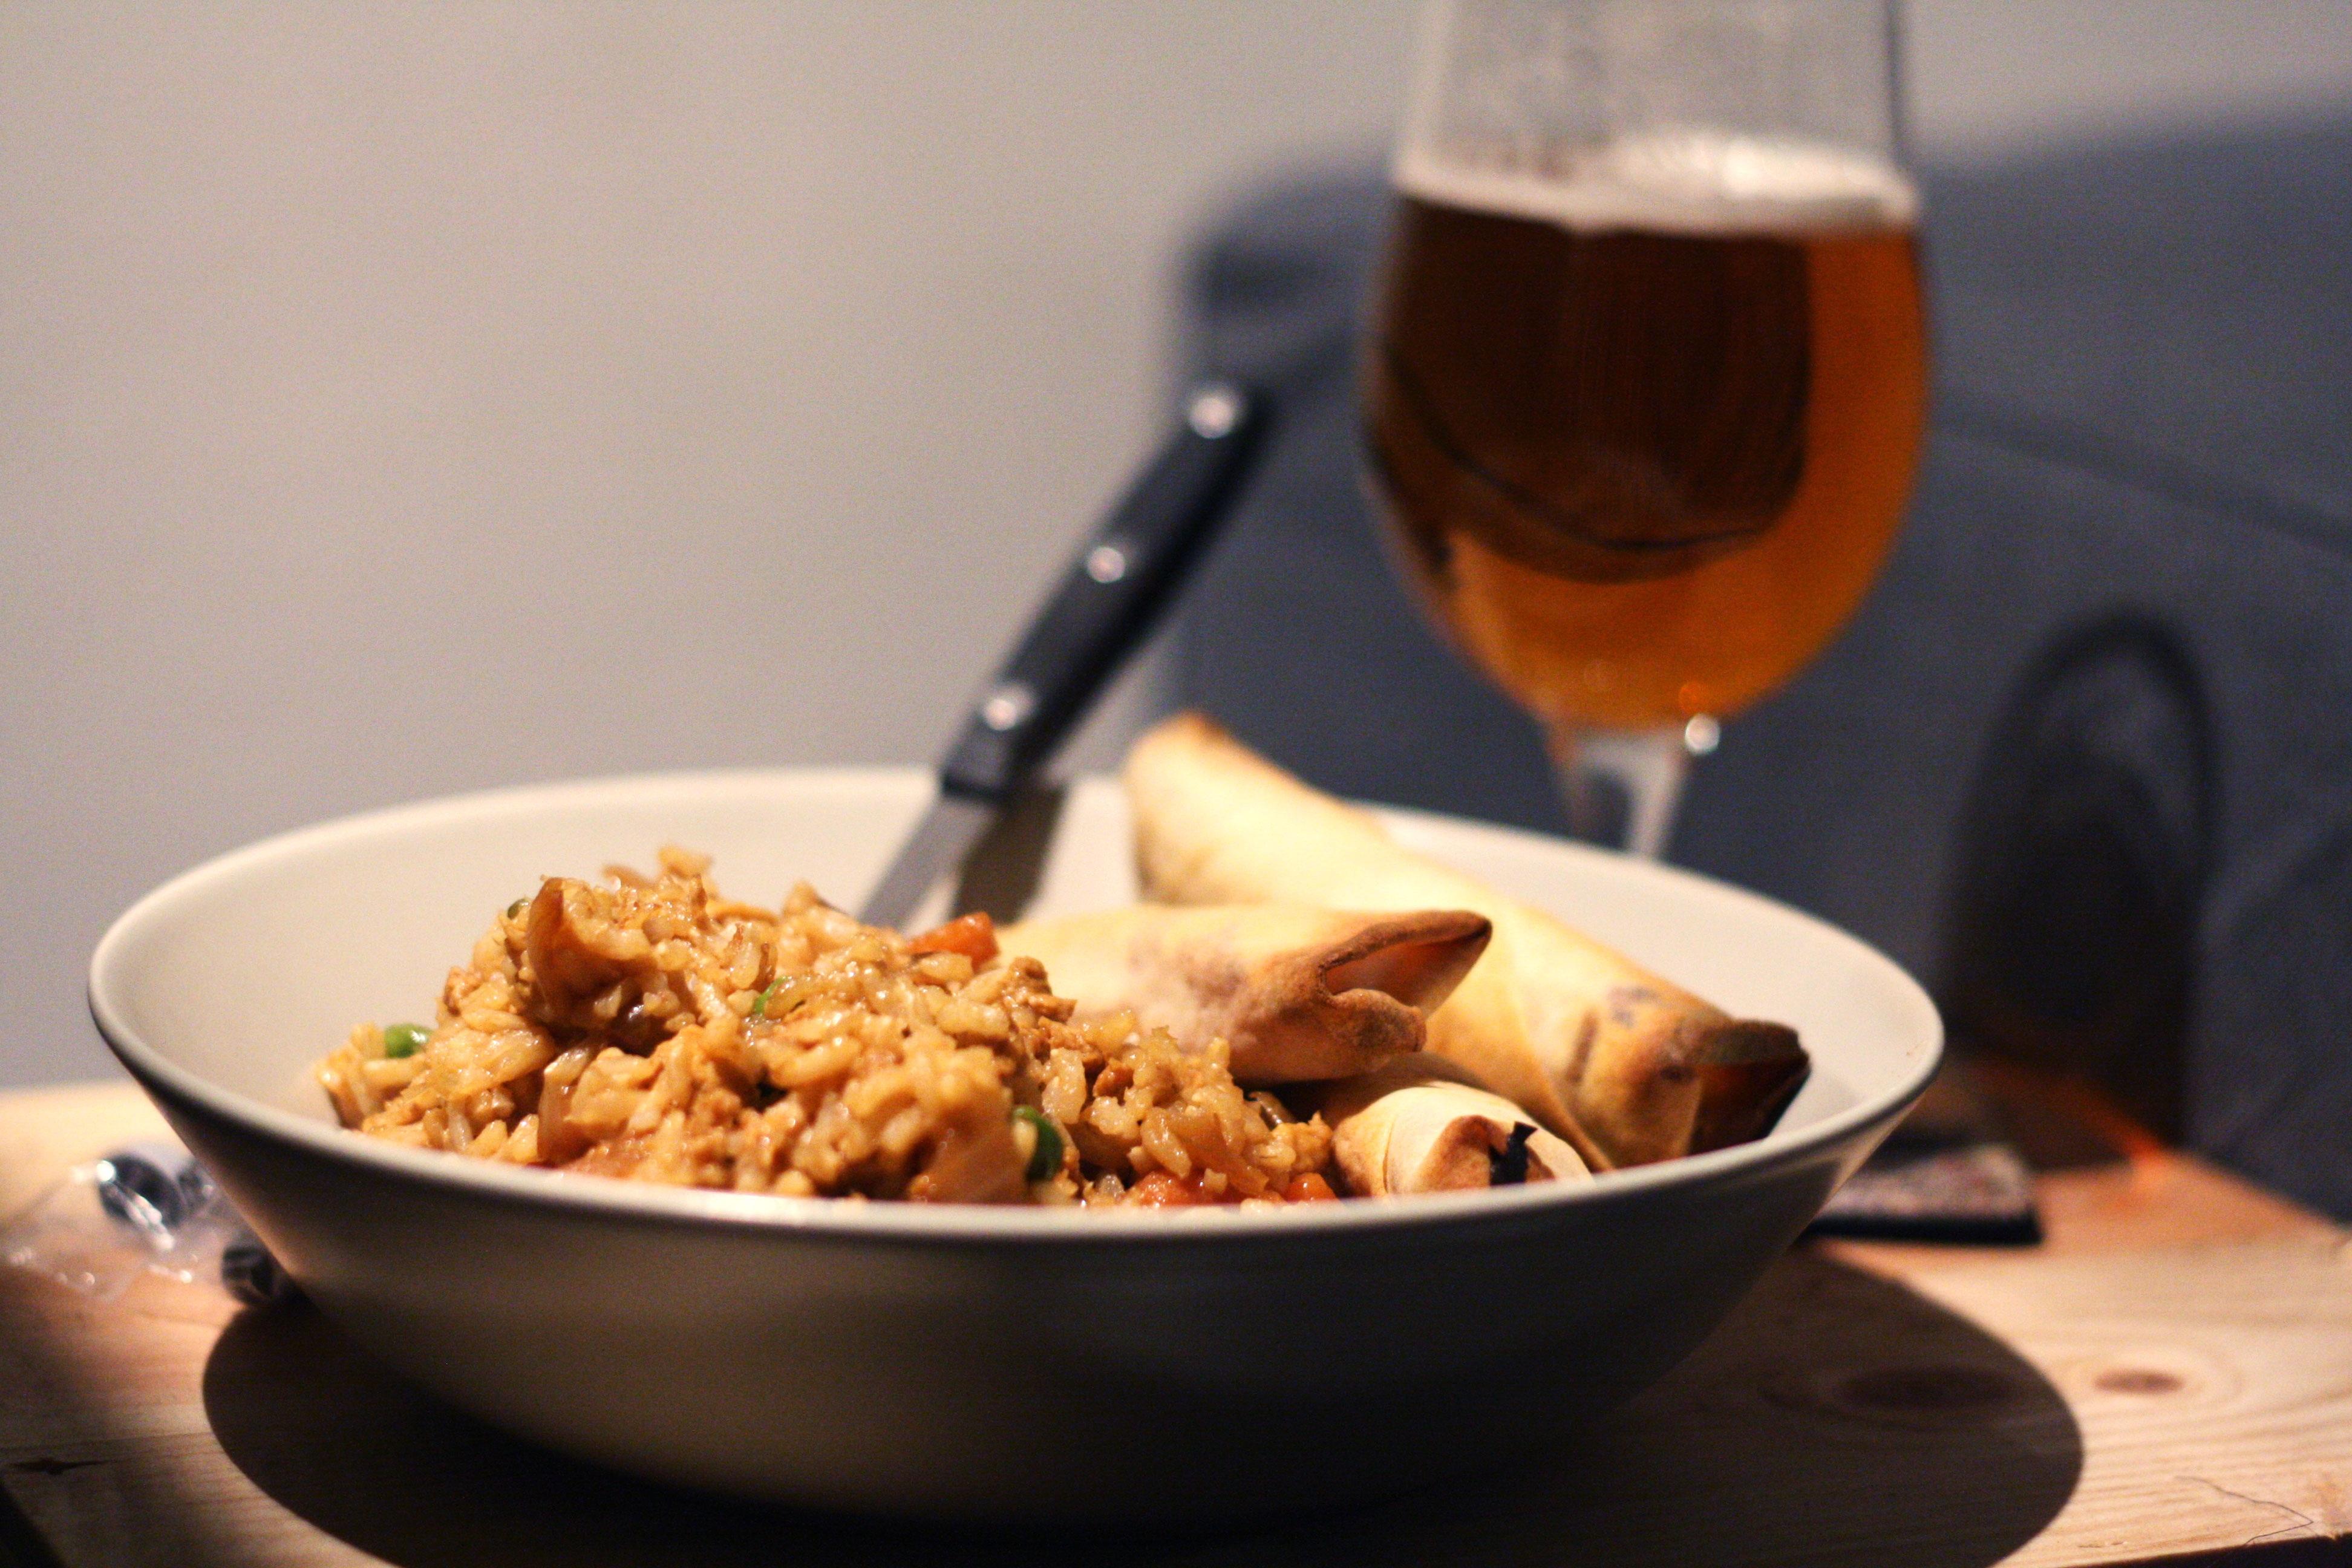 Kostenlose foto : Holz, Gericht, Mahlzeit, Lebensmittel, produzieren ...